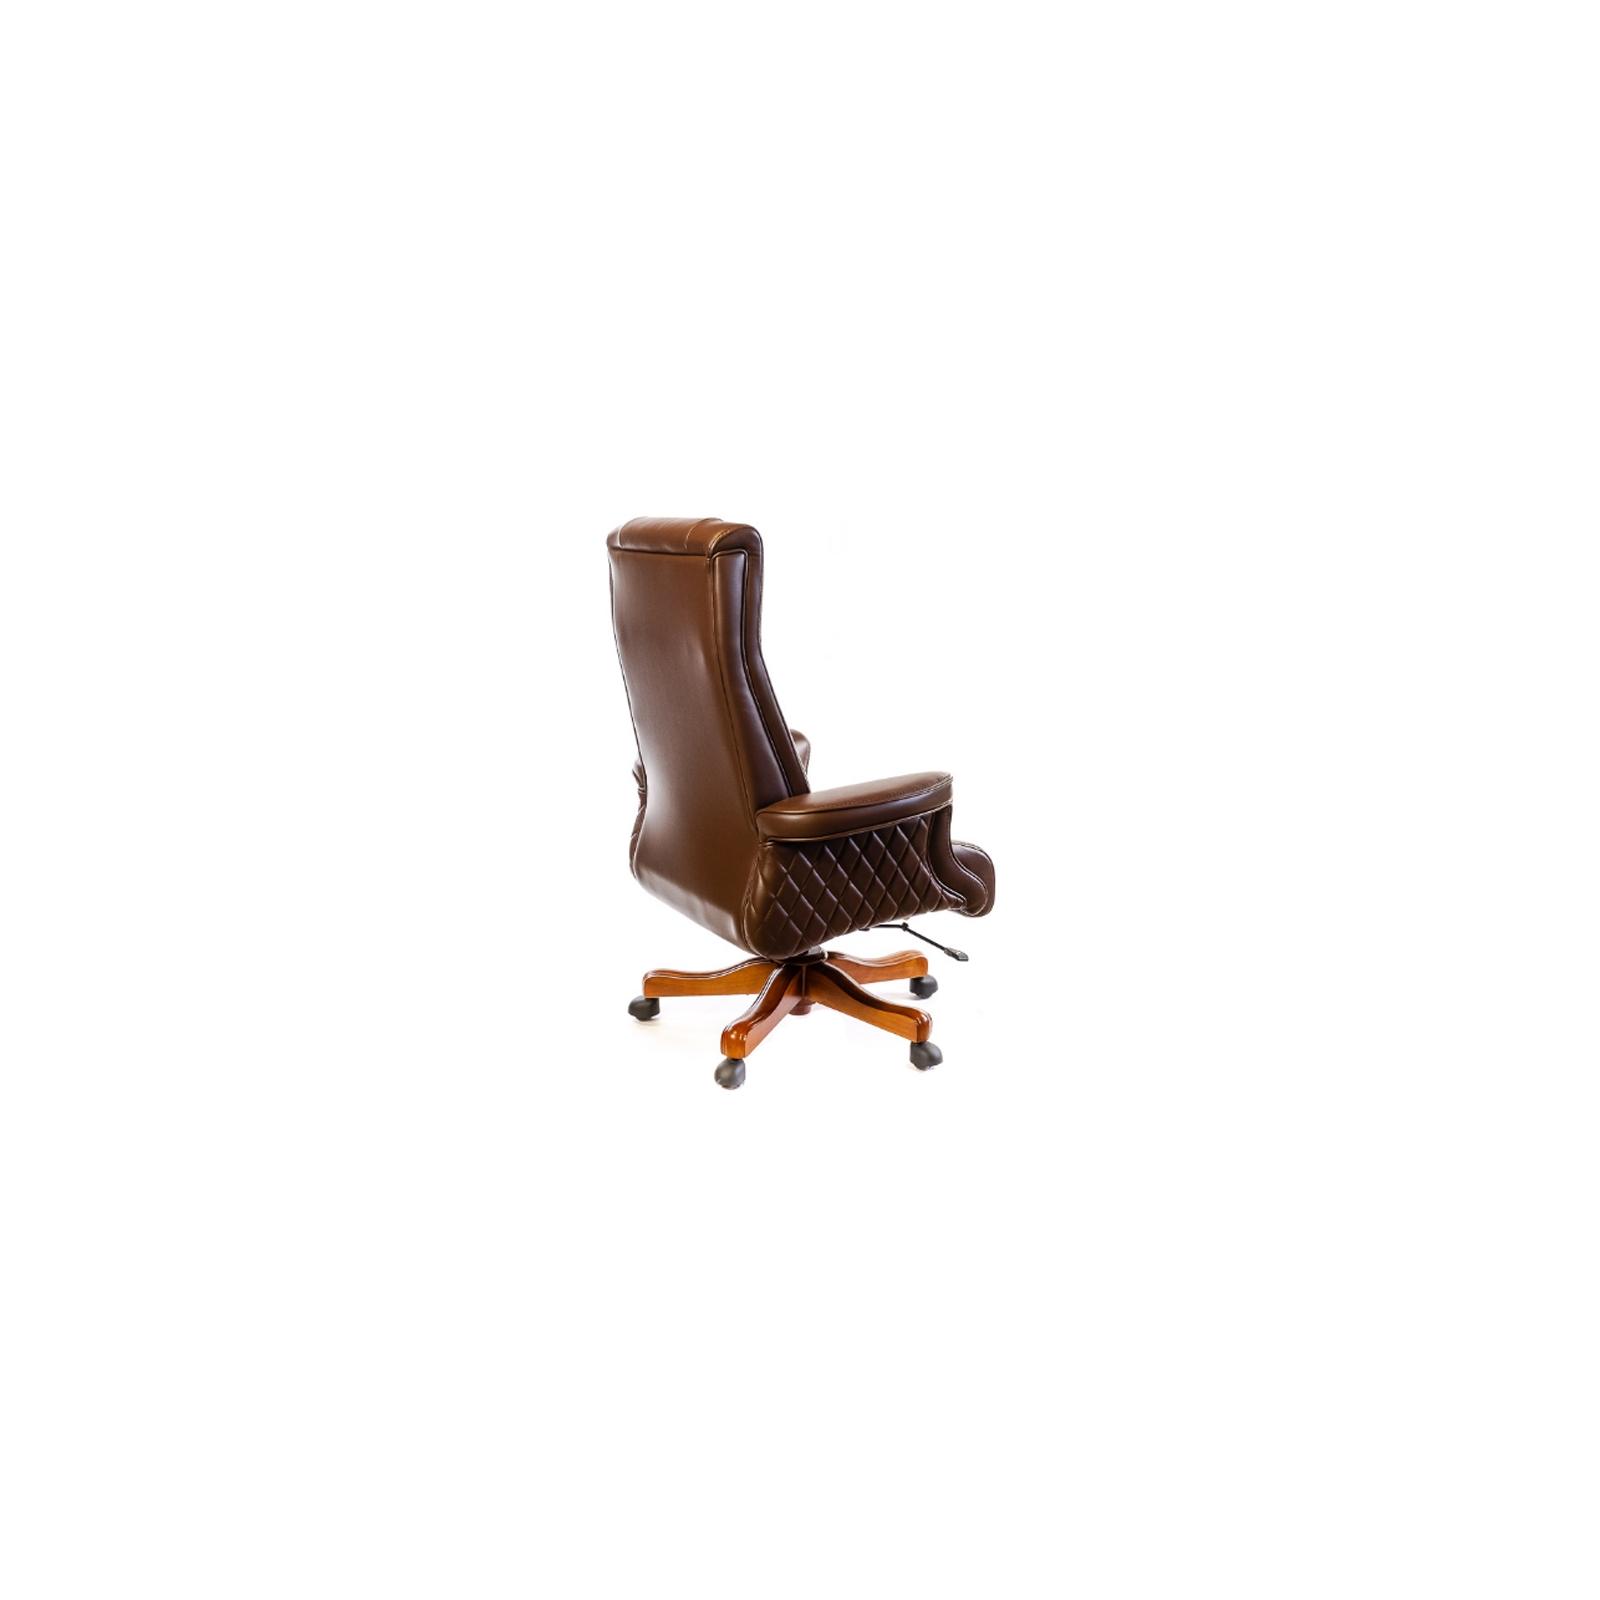 Офисное кресло Аклас Франсуа EX D-Tilt Коричневое (13631) изображение 4